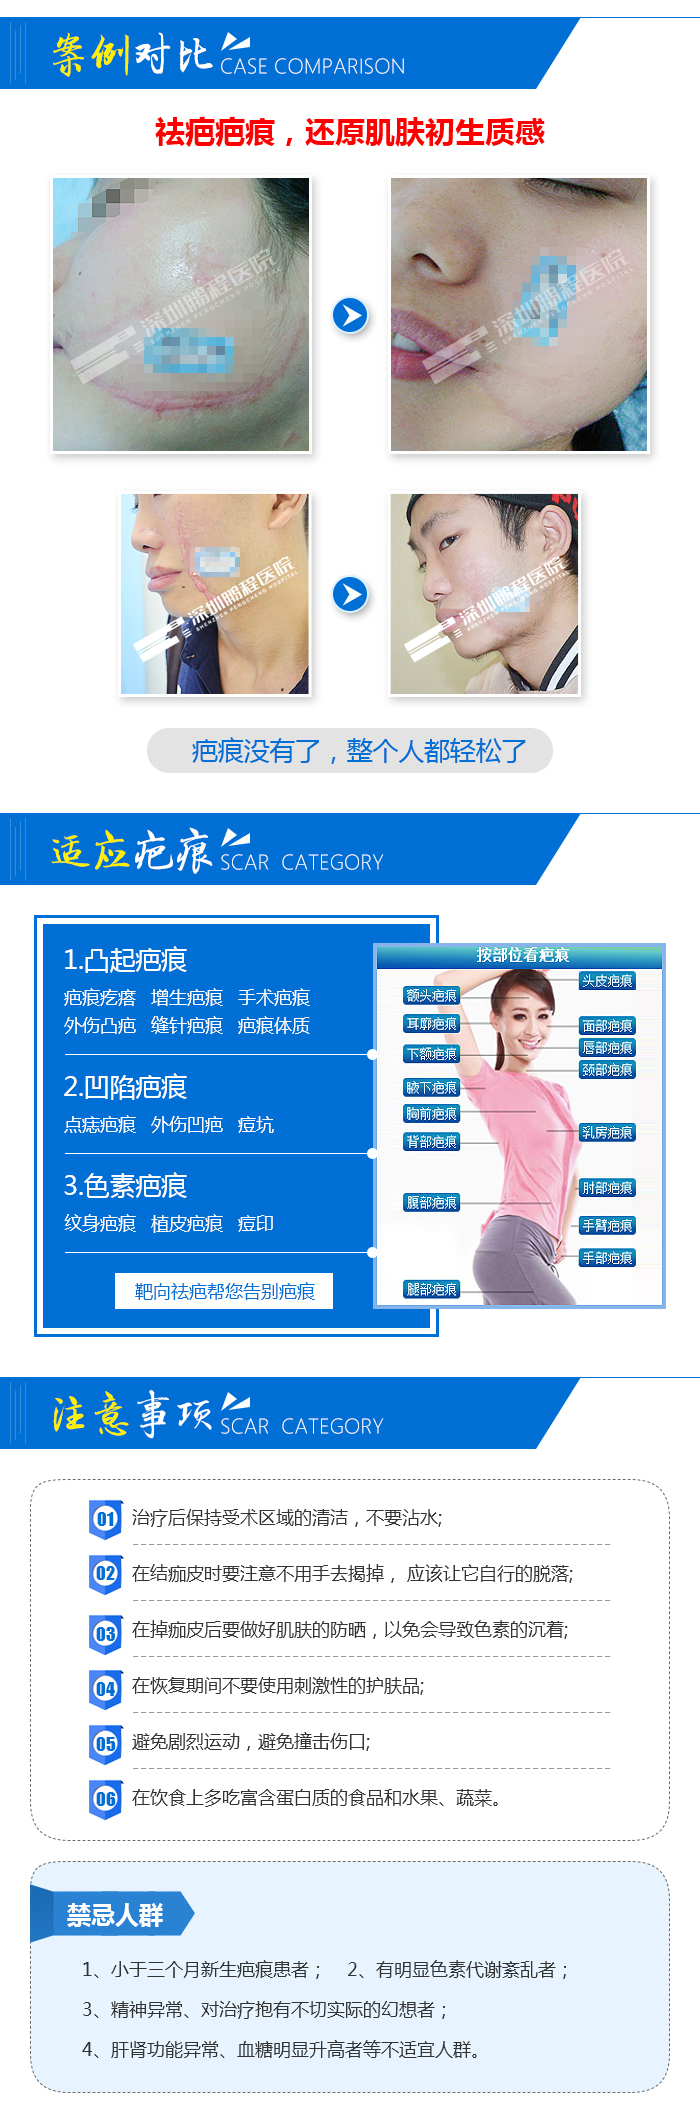 深圳祛疤 激光技术祛除疤痕 疤痕增生 凹凸疤痕 个性化制定方案 安全